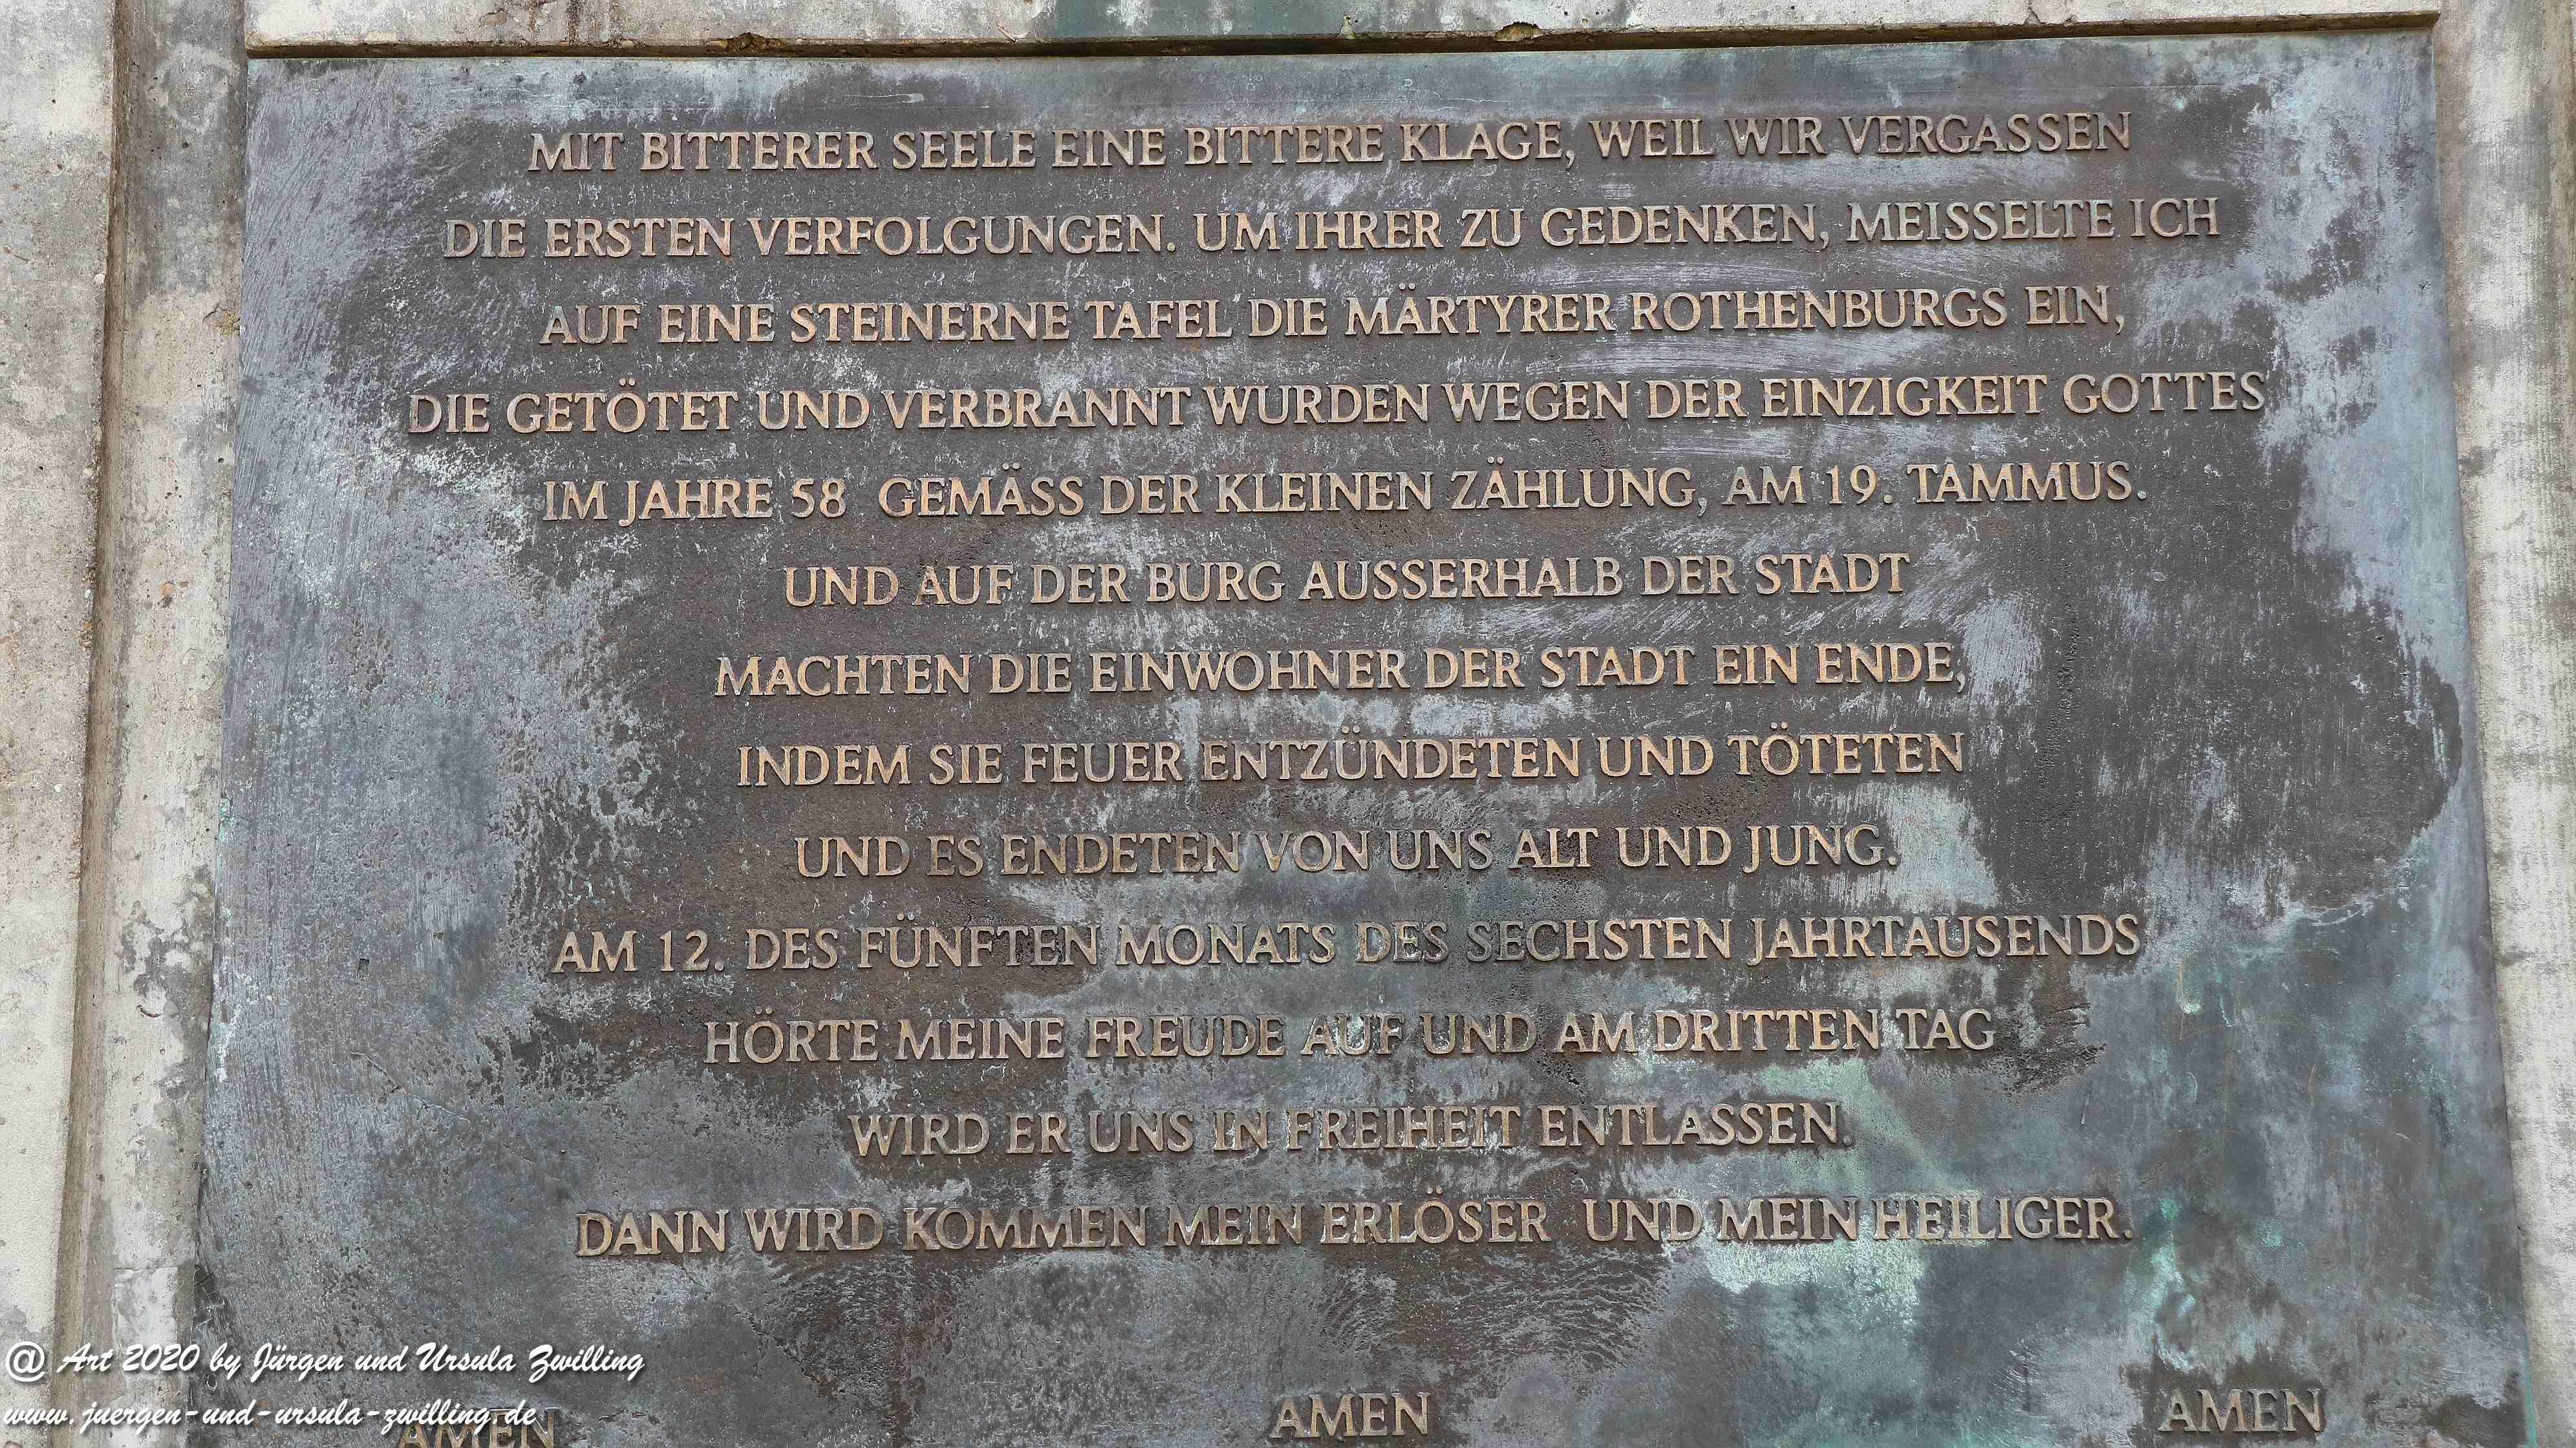 Rothenburg ob der Tauber 2